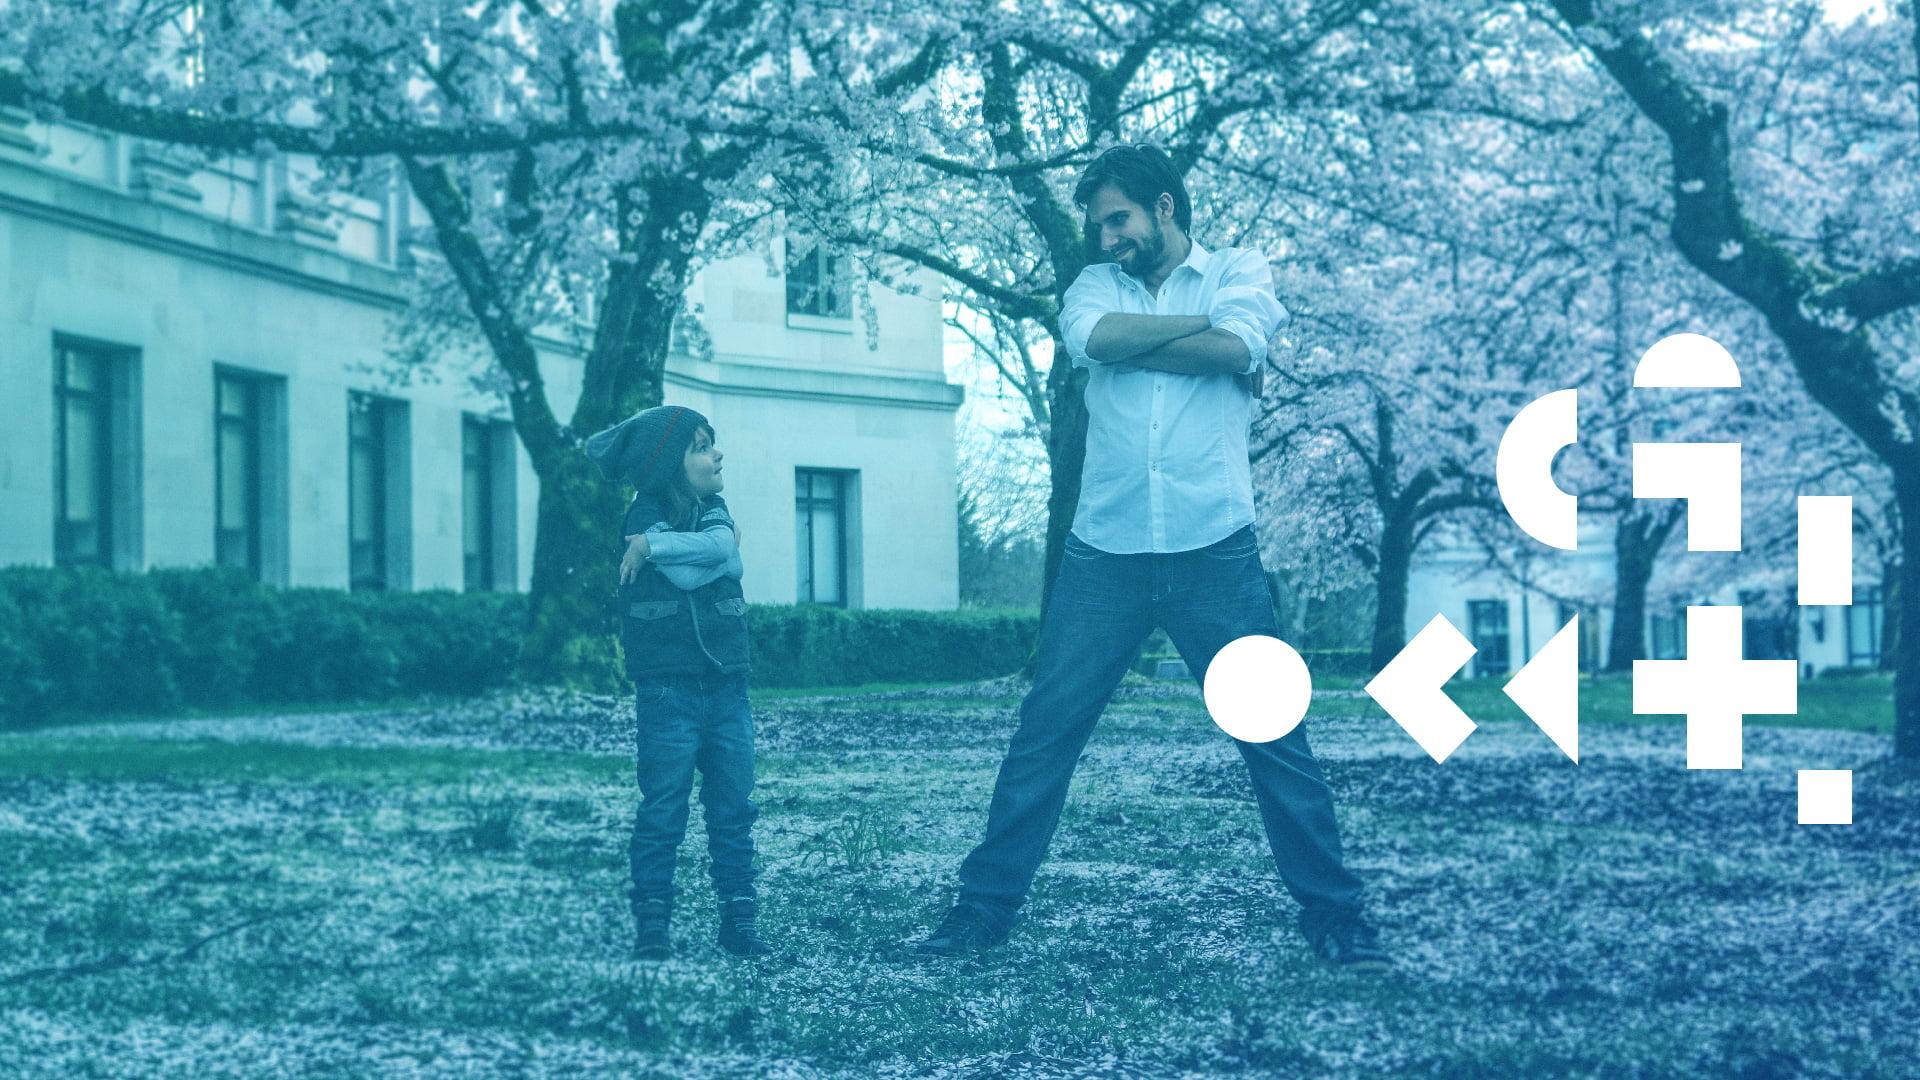 Mężczyzna oraz dziecko stojący w trawie, pośród kwitnących drzew. W prawej części grafiki znajdują się geometryczne elementy.